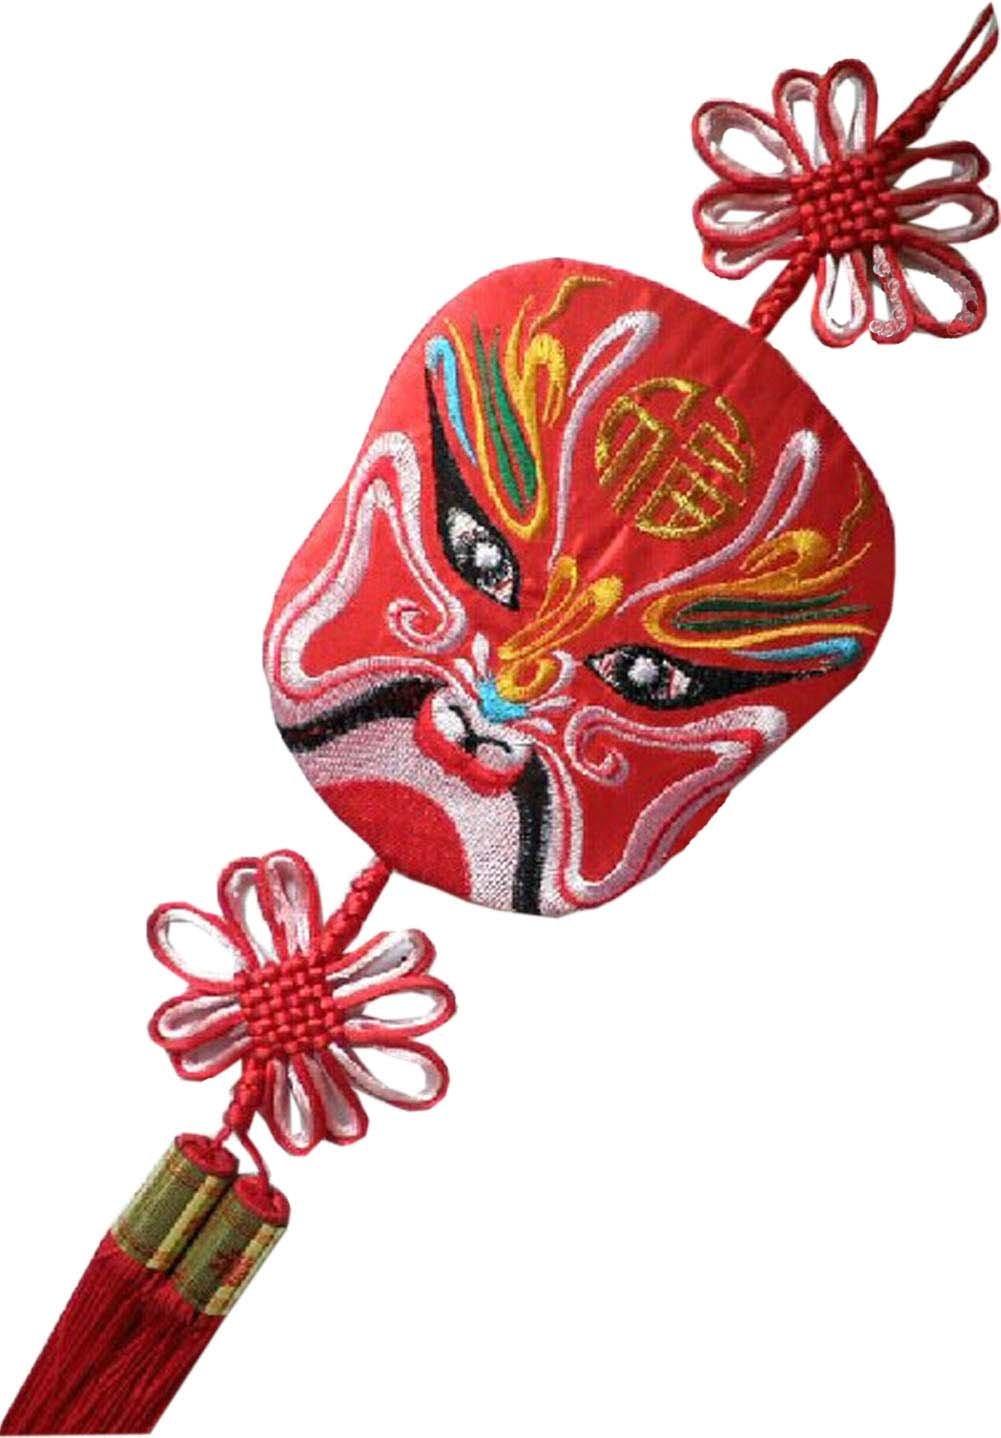 Dé coration Tenture murale Arts Folkloriques Opé ra de Pé kin Masque Facial Chinois Gland Glands Blancho Bedding